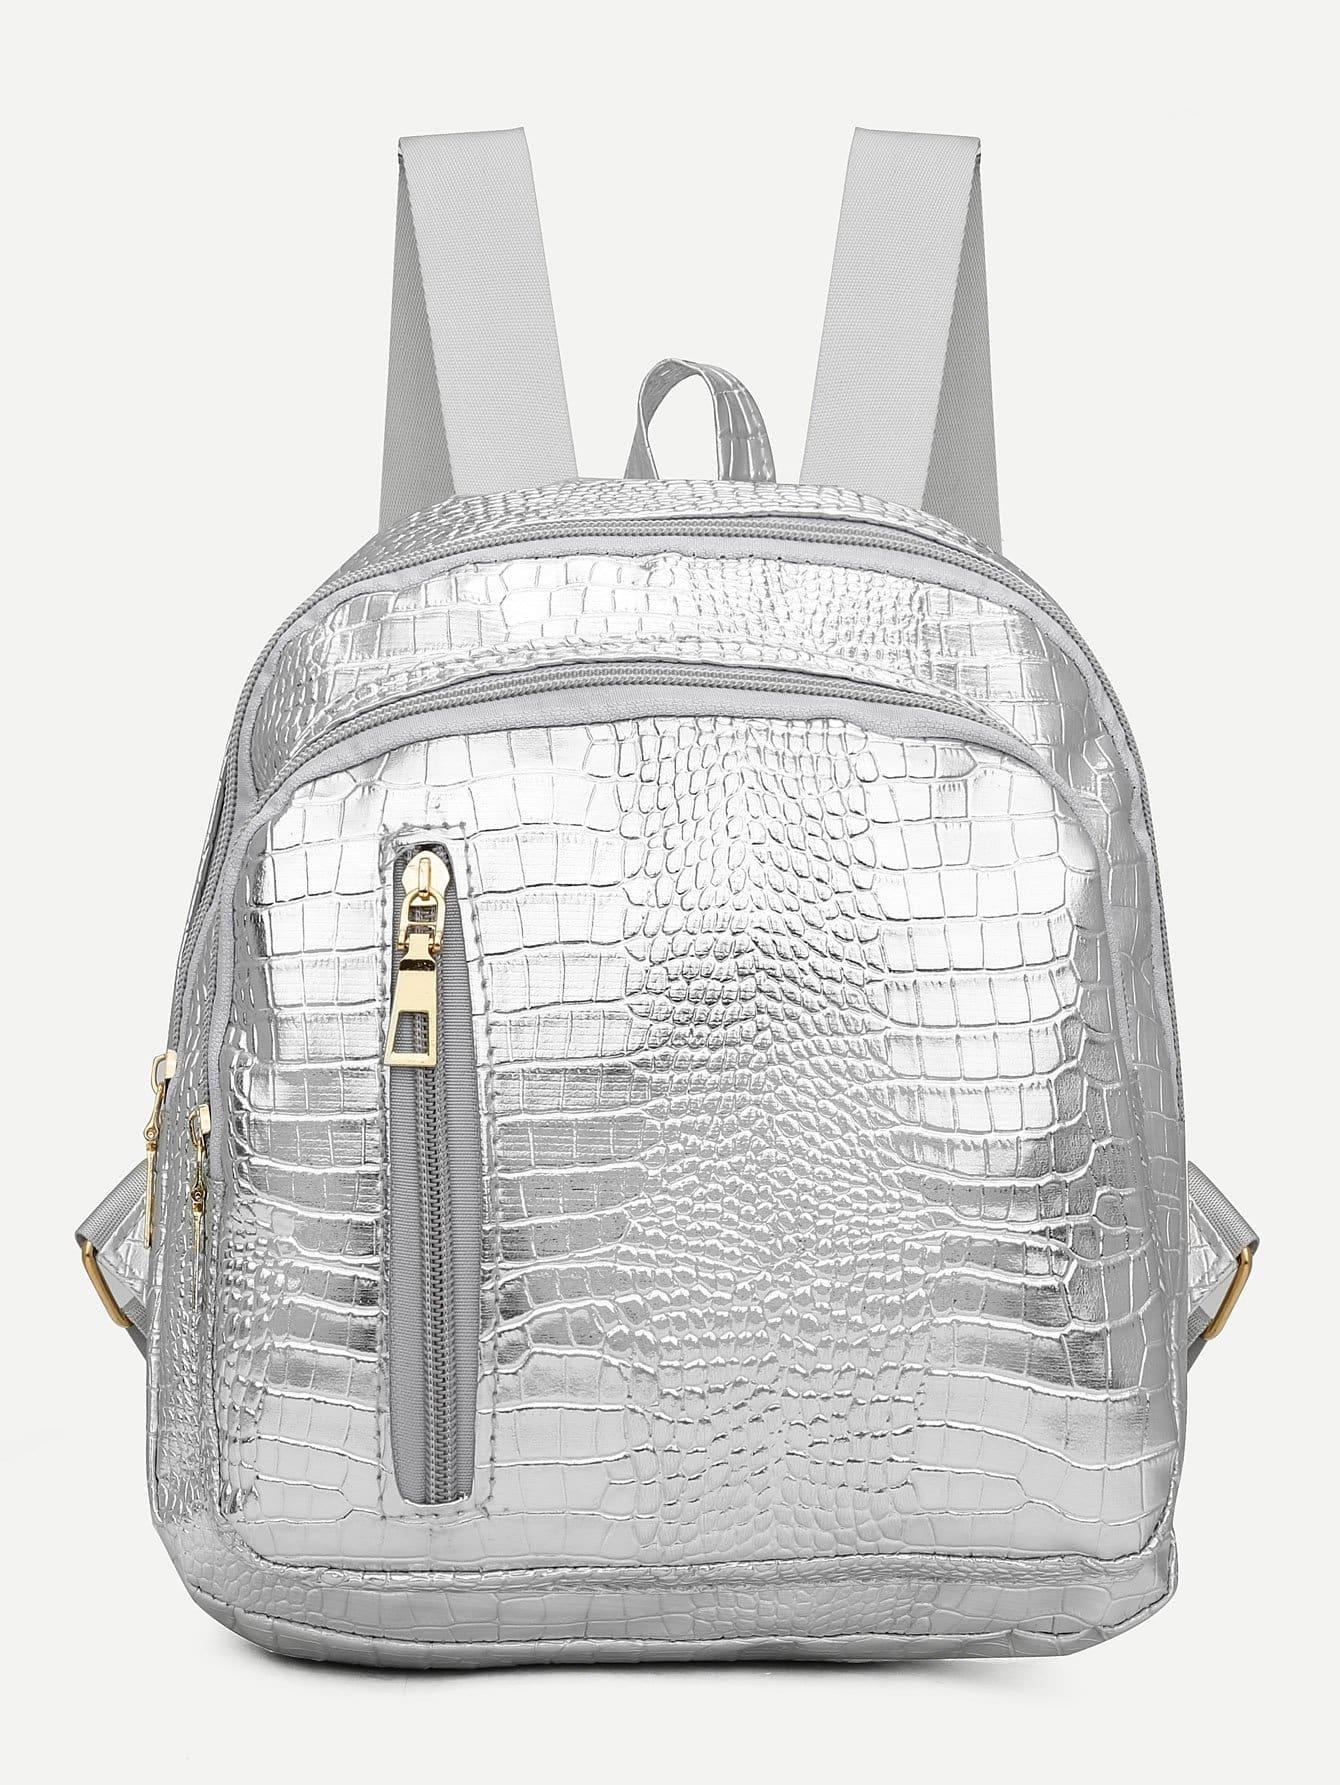 Metallic Crocodile Textured Backpack metallic crocodile textured backpack